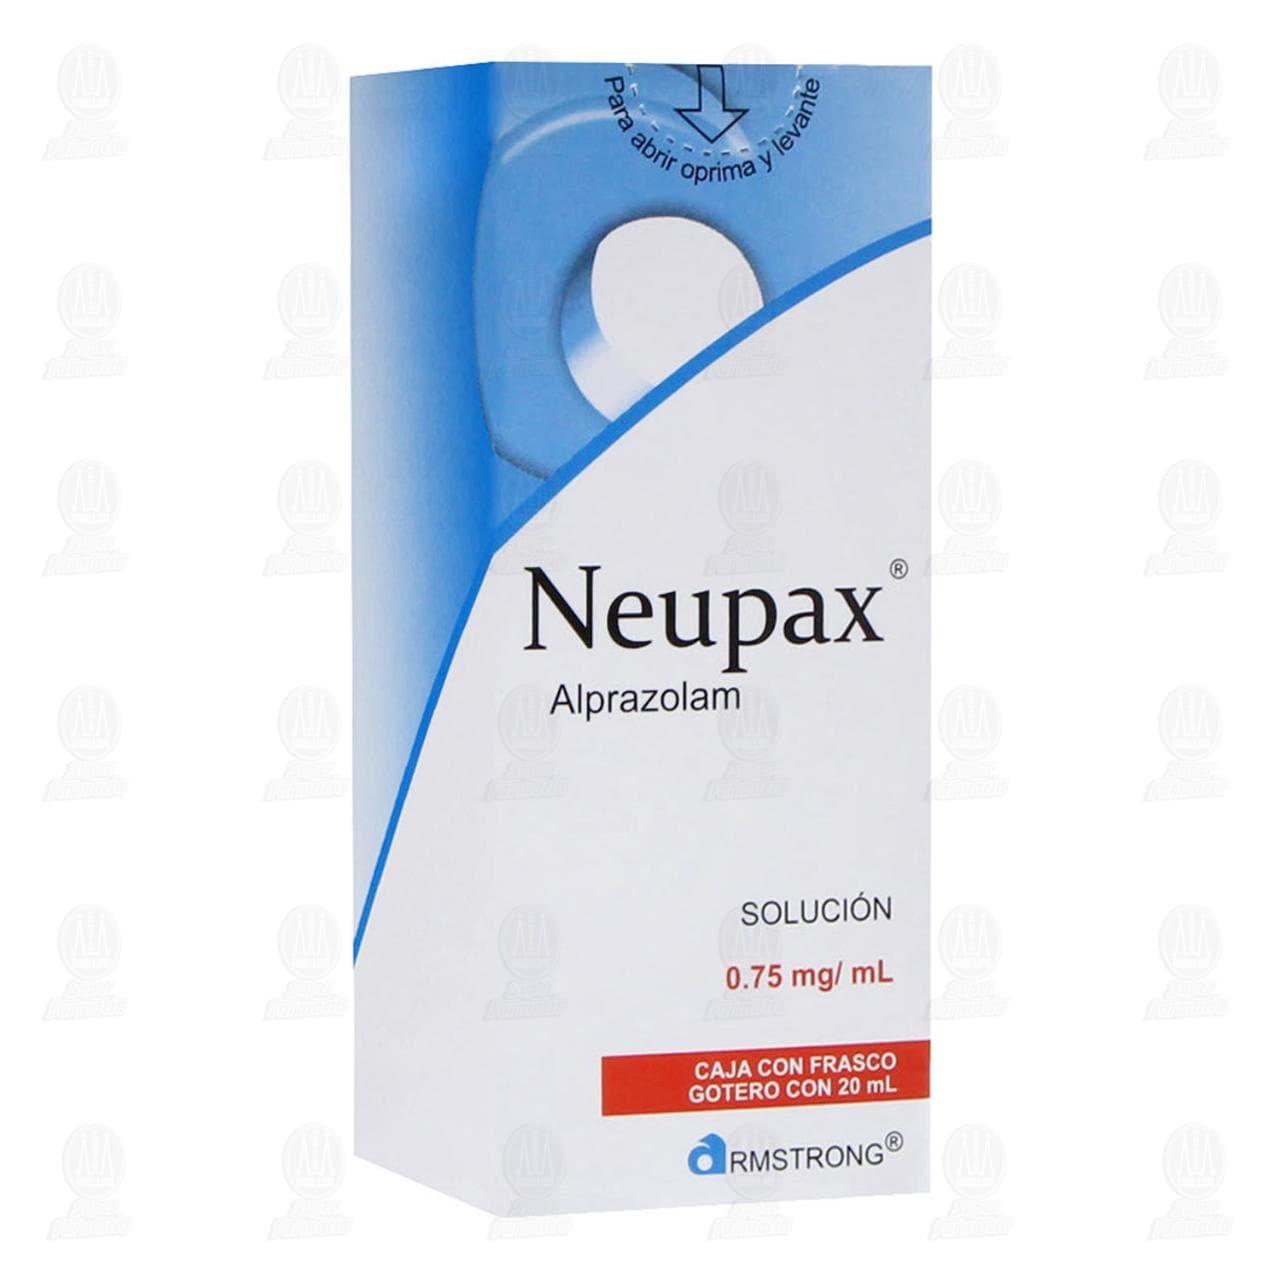 Comprar Neupax Solución 0.75mg/ml 20ml en Farmacias Guadalajara